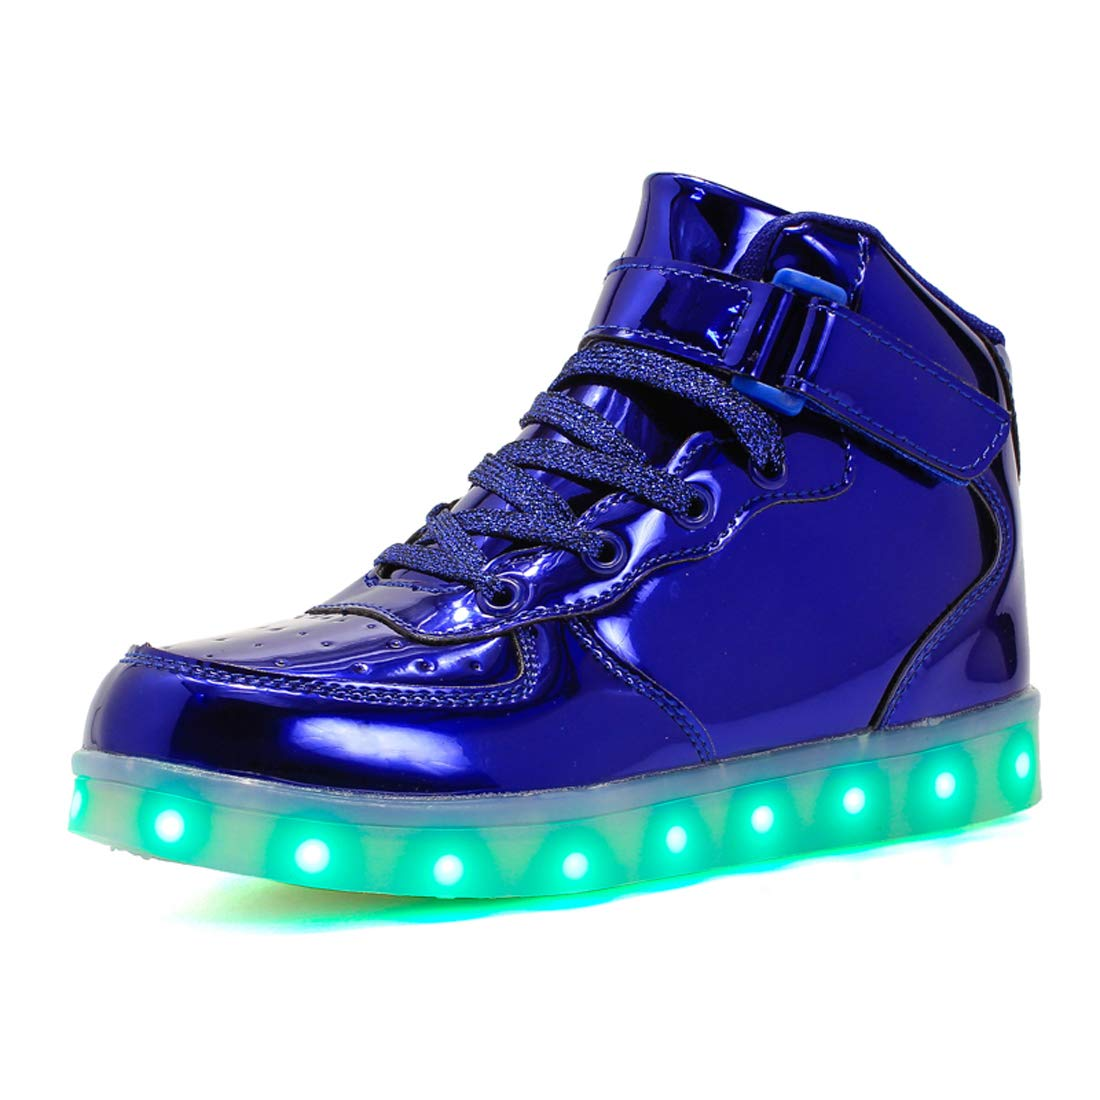 Voovix Kinder Licht Schuhe Blinkende Sneaker LED Leuchtende High-Top USB Aufladen Shoes fü r Jungen und Mä dchen